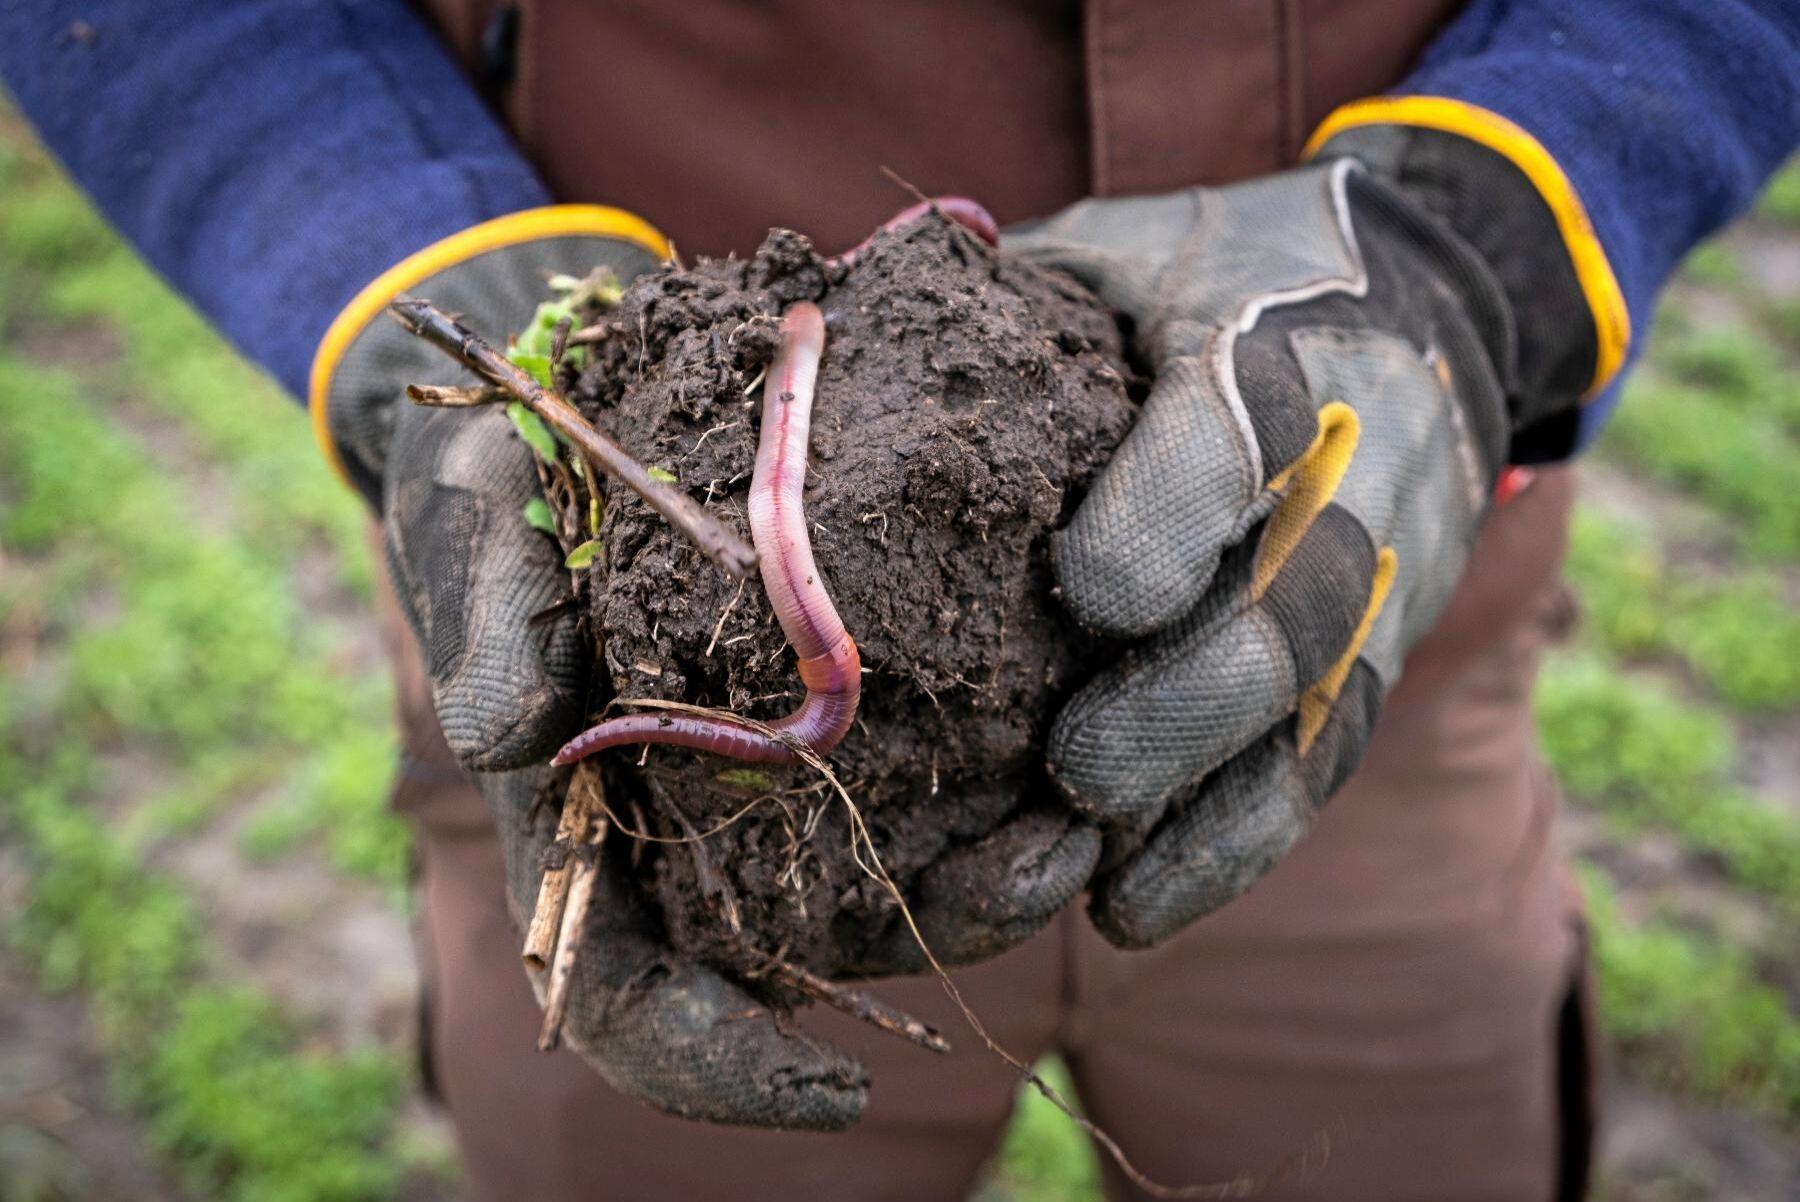 """Kräligt som tusan. Nu har maskarna tagit över. Det finns inte längre plats för växternas rötter i jorden. Nu gäller det att """"effektivt reducera populationen av dessa slemmiga rothårsgnagare"""" tycker en person i en FB-grupp för Conservation Agriculture."""